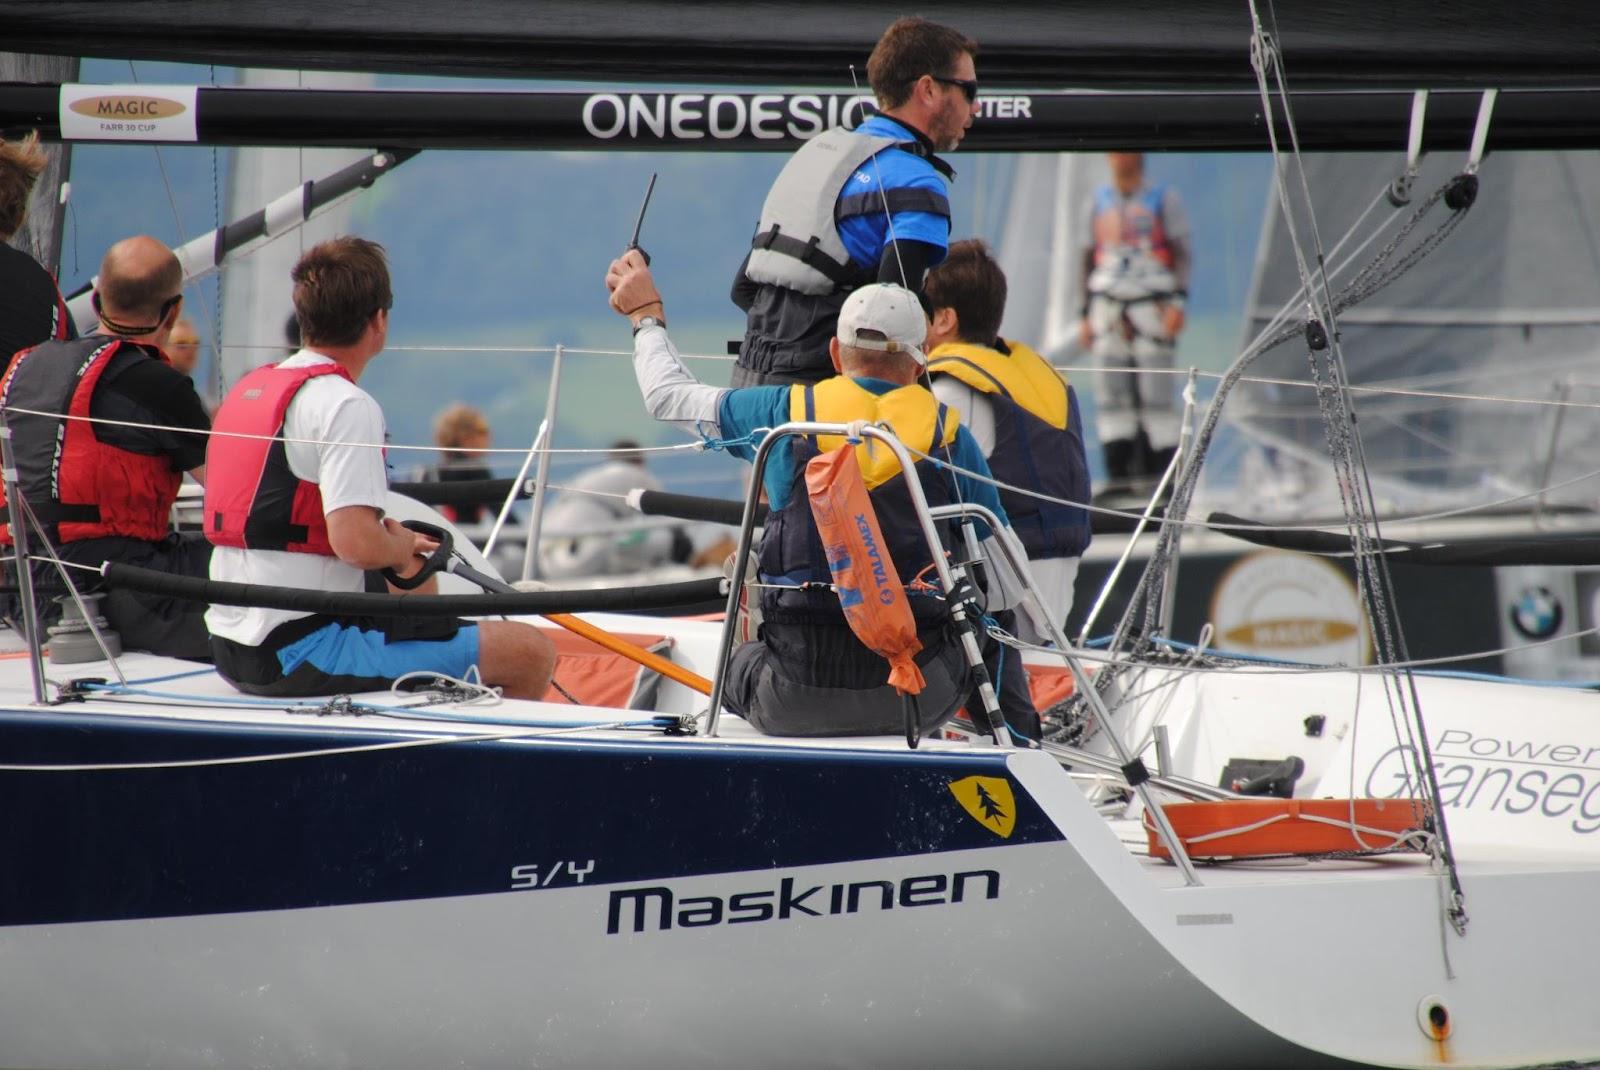 Fyra svenskar i seglingsdrama